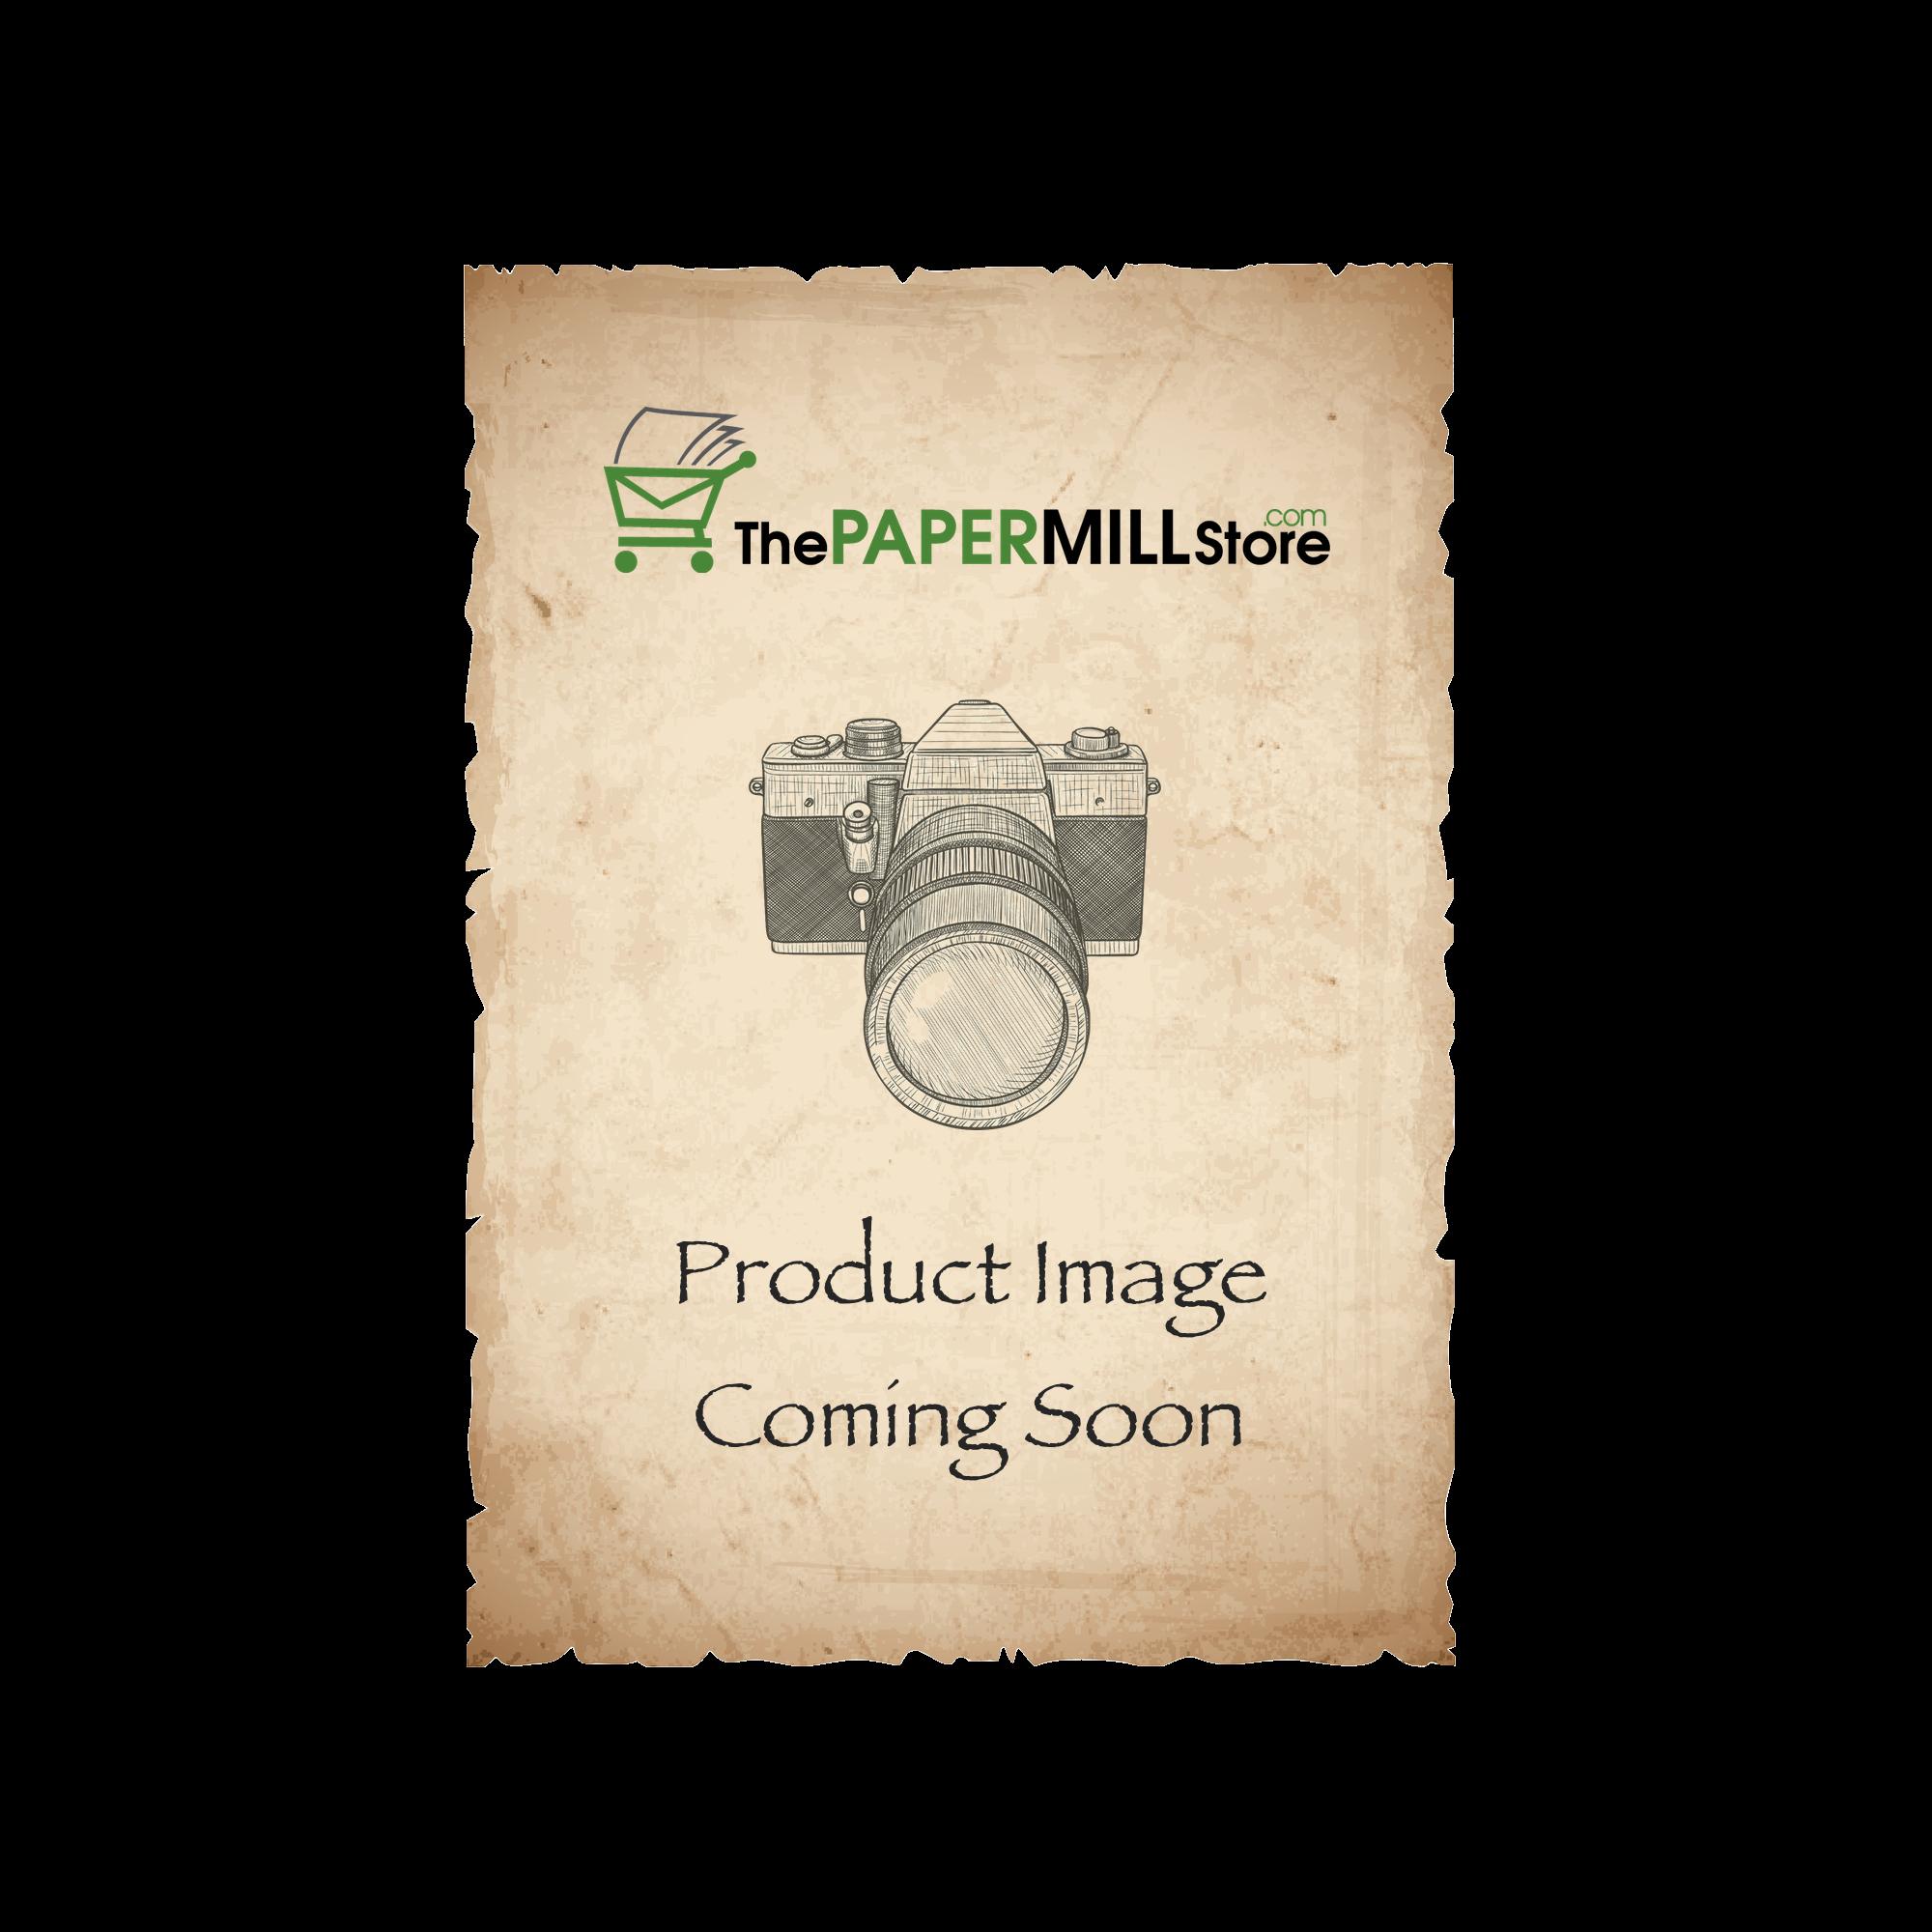 Astrobrights Terra Green Envelopes - A6 (4 3/4 x 6 1/2) 60 lb Text Smooth 1000 per Carton